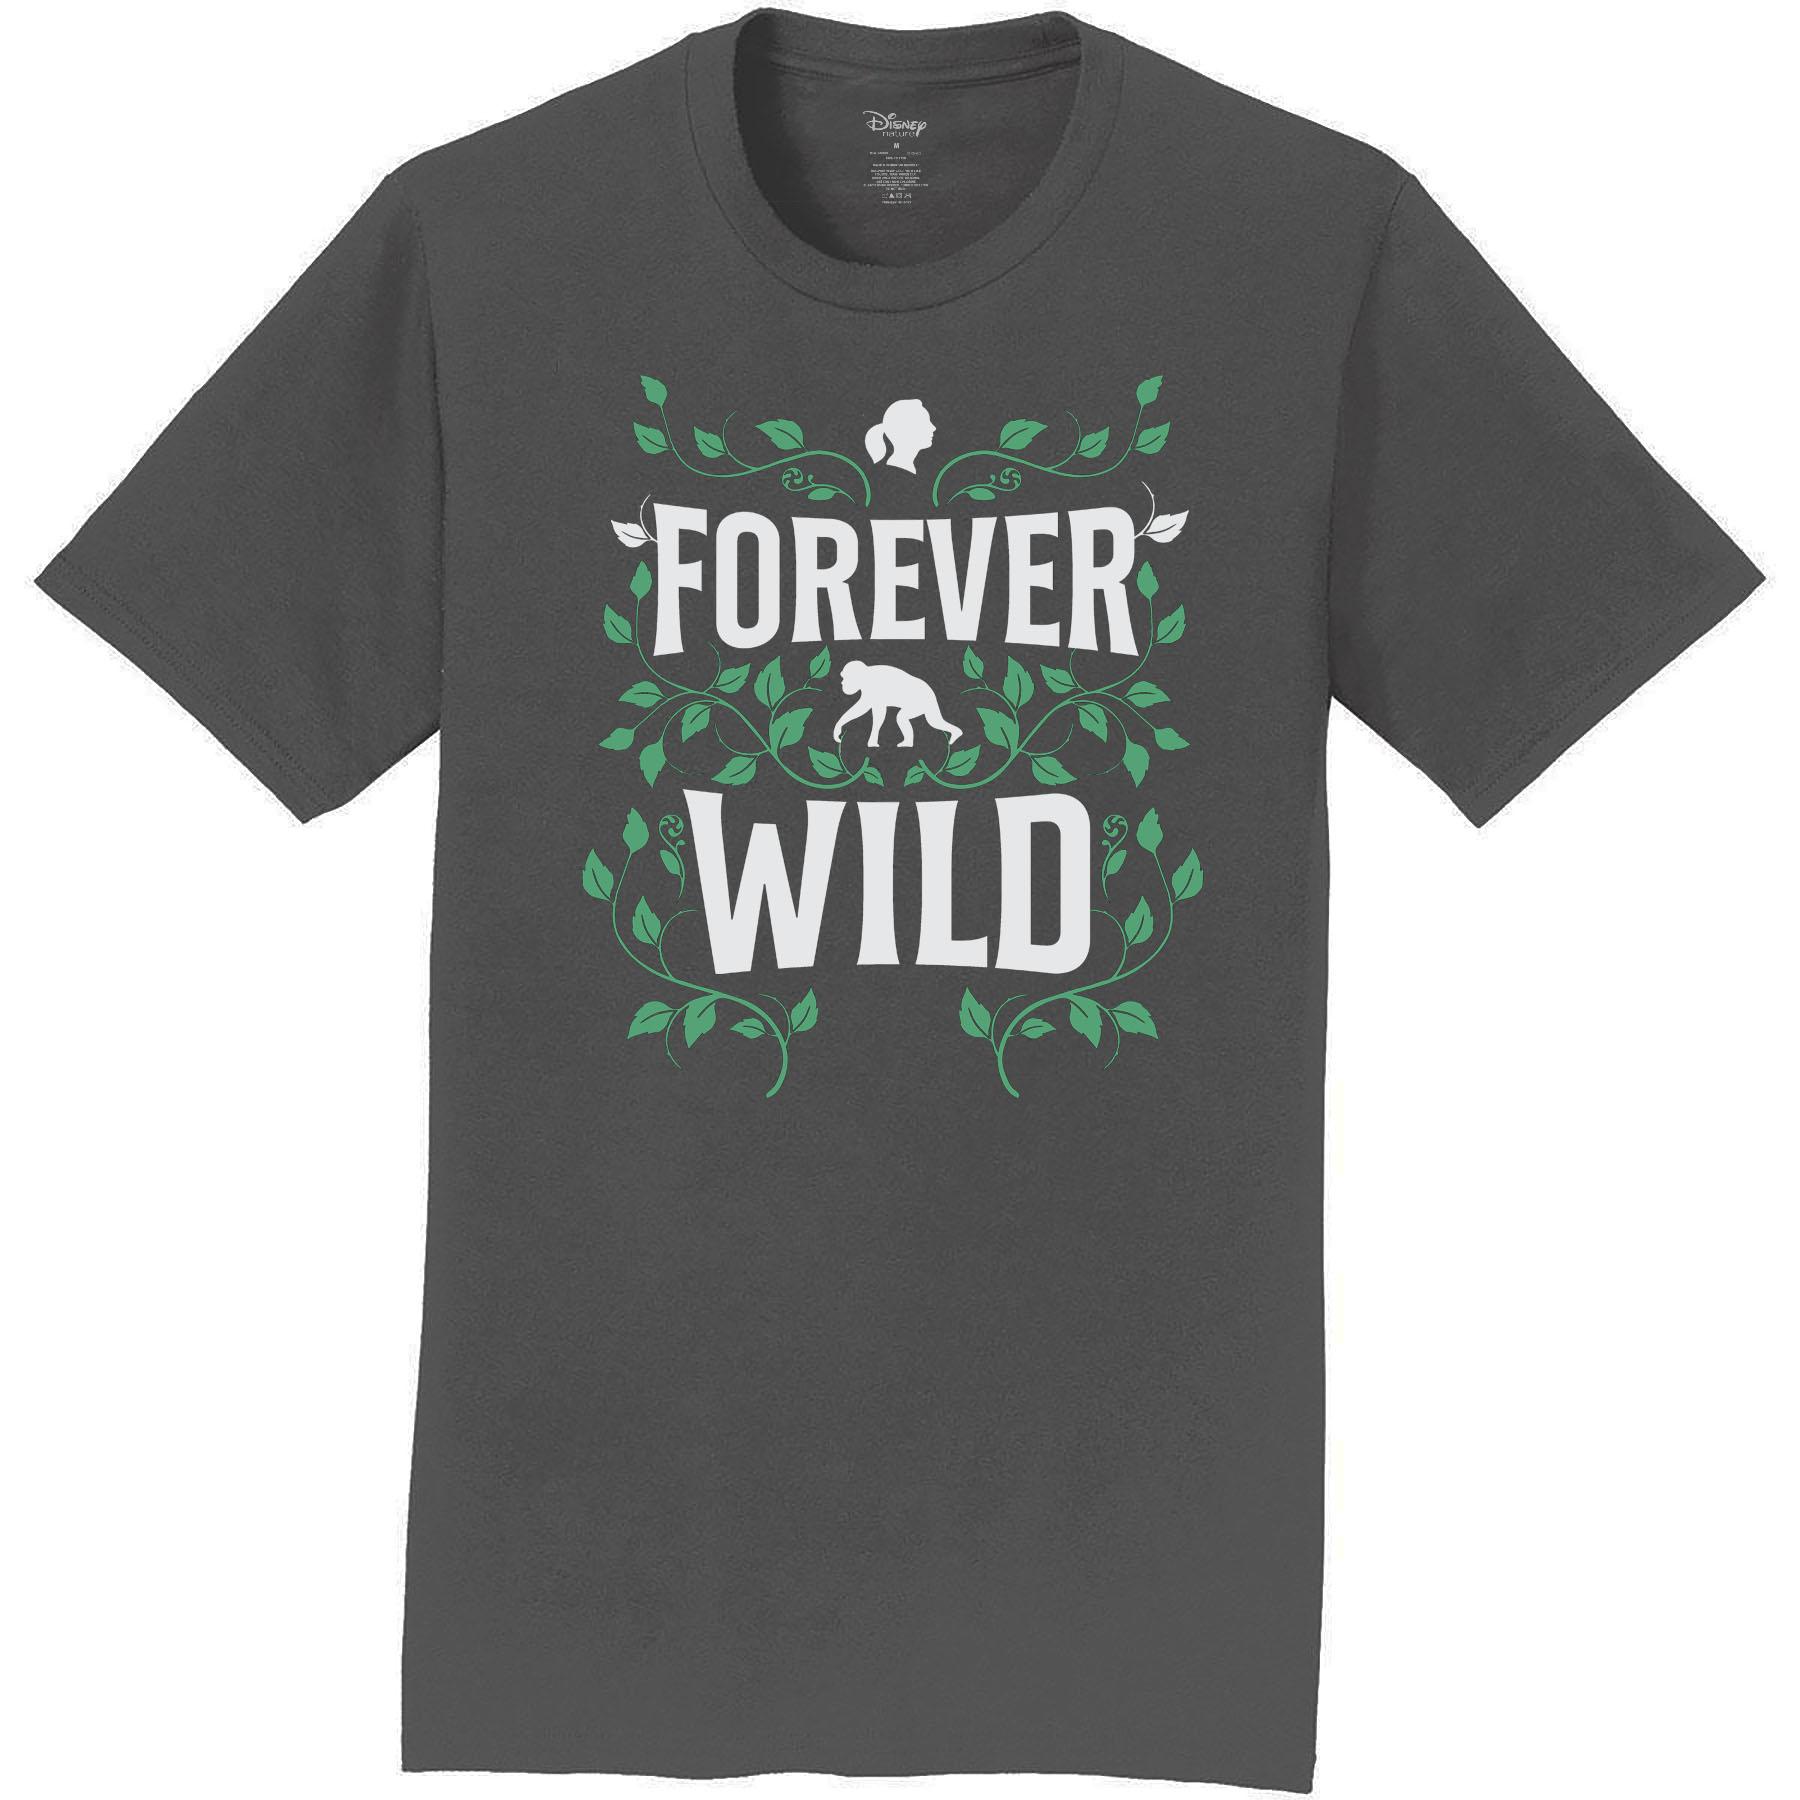 Disneynature + JGI Forever Wild T-Shirt